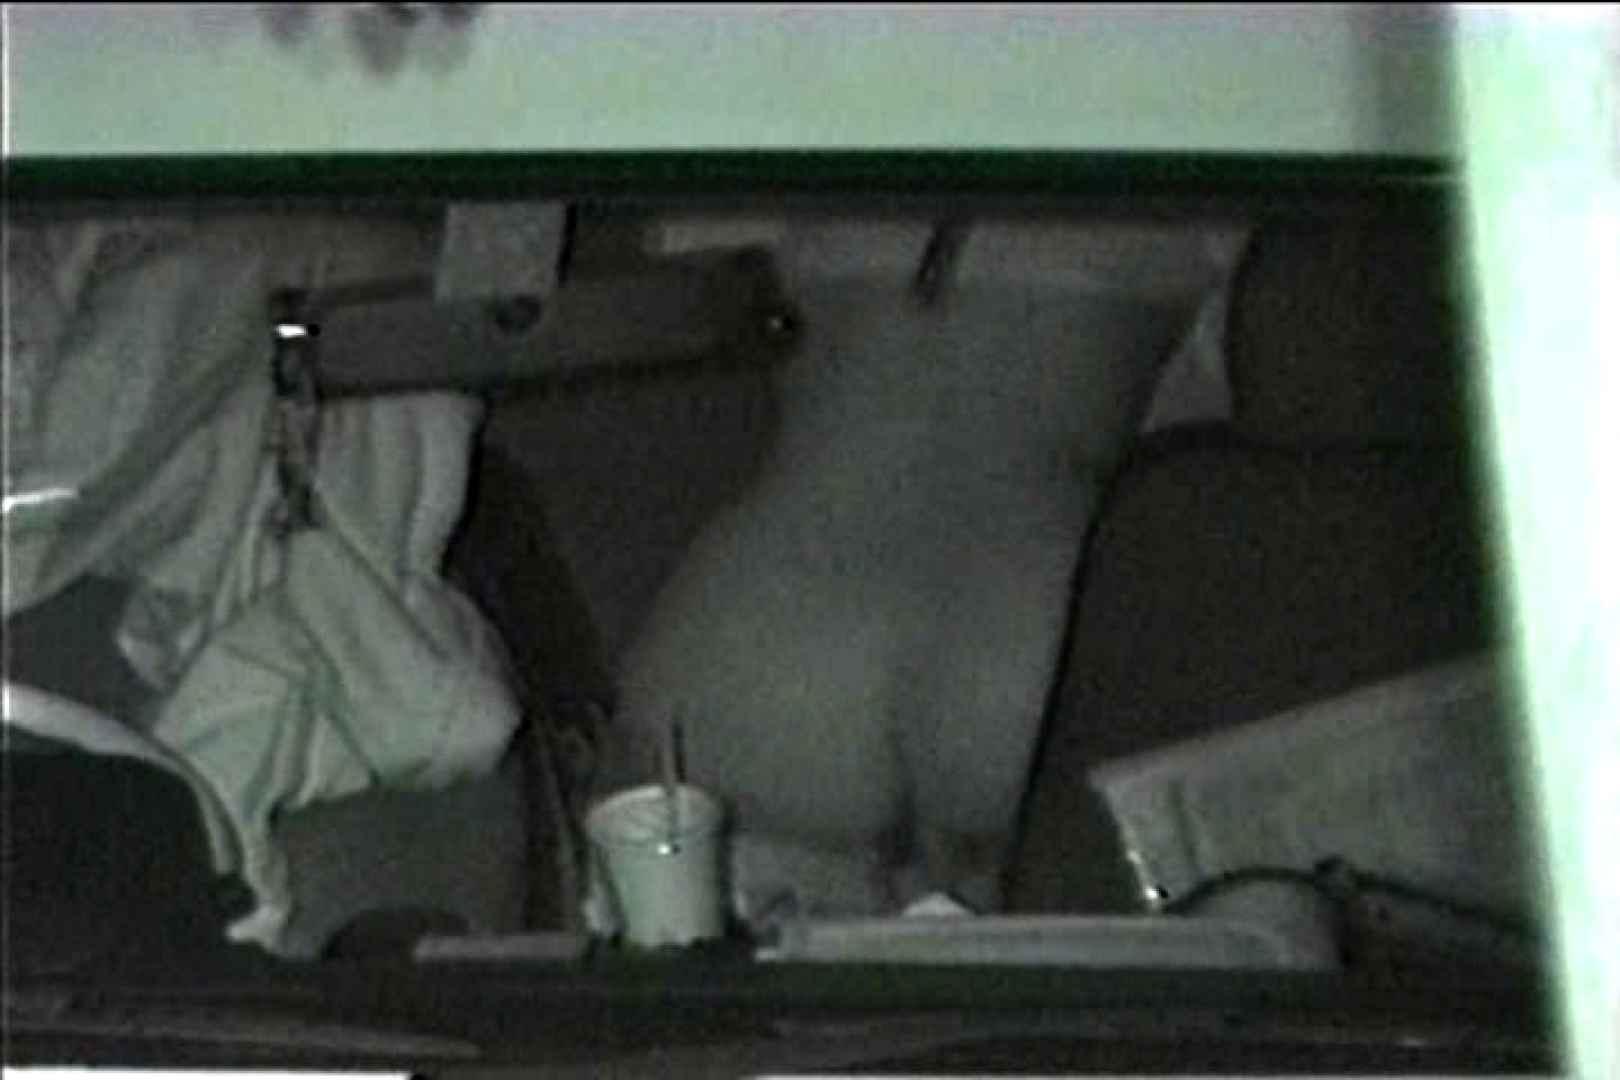 車の中はラブホテル 無修正版  Vol.7 人気シリーズ 盗み撮り動画 81pic 16